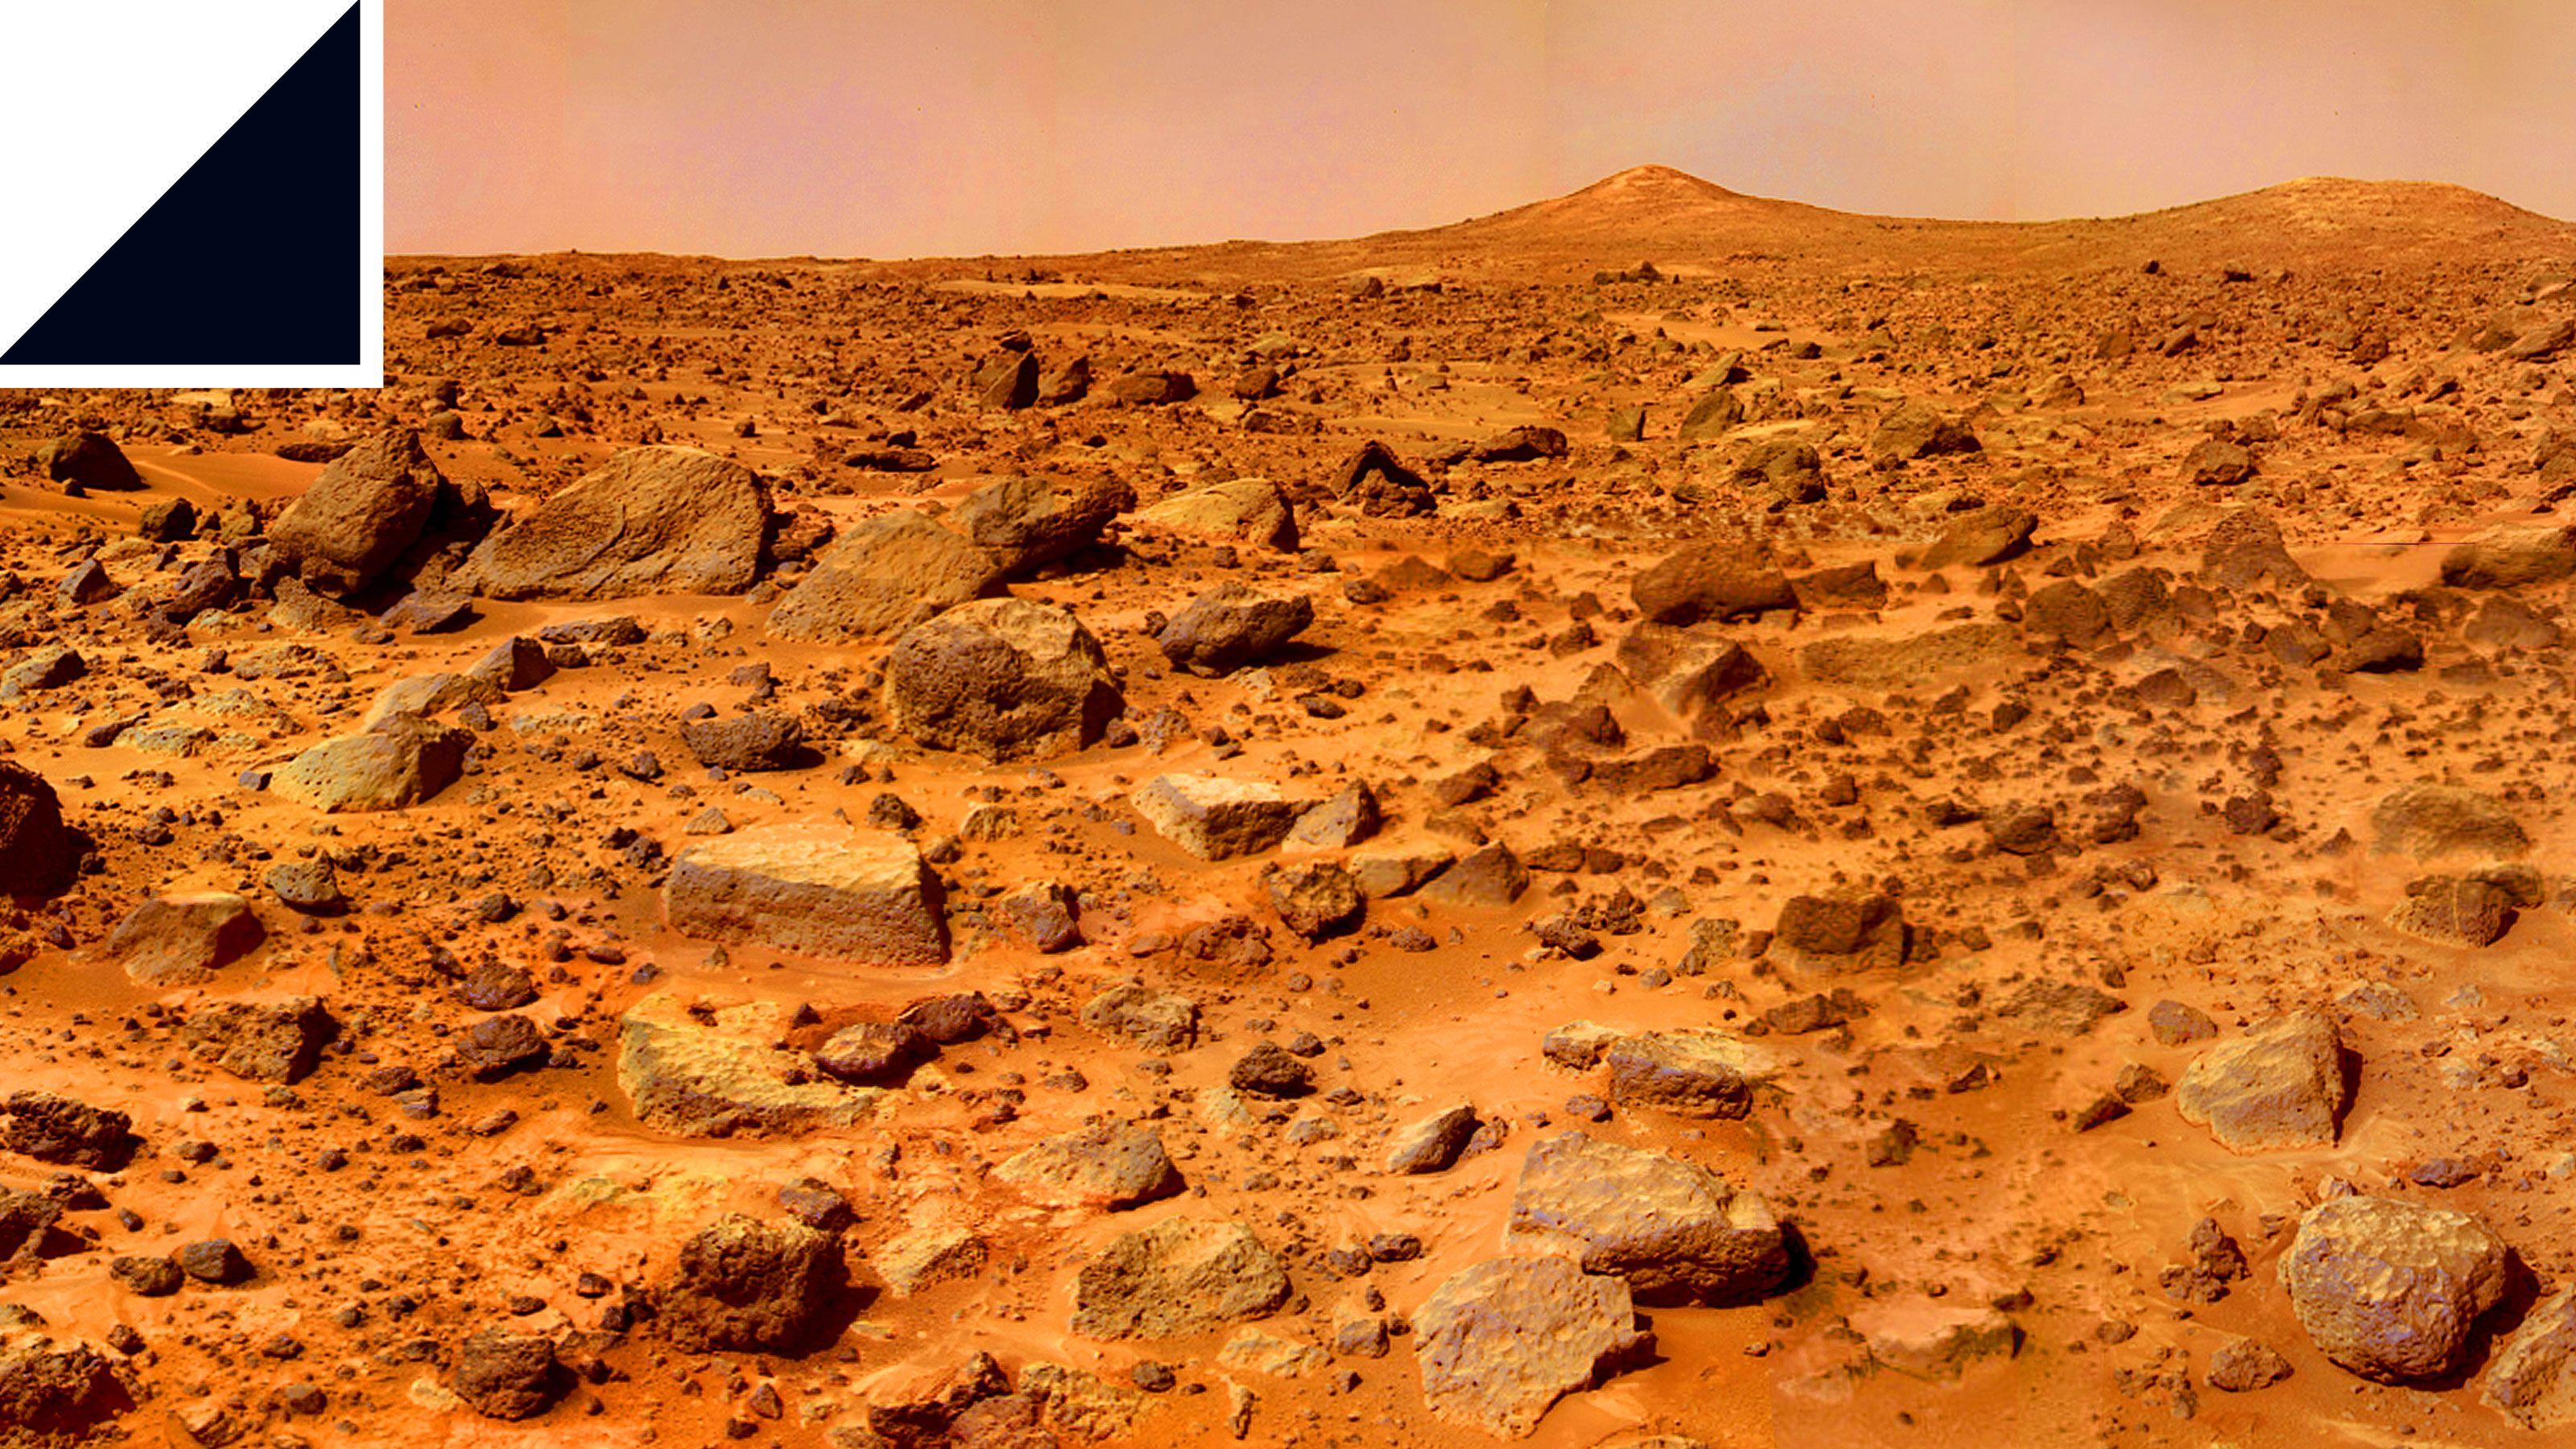 人類は火星の空に「マーズ・グライダー」を飛ばせるか